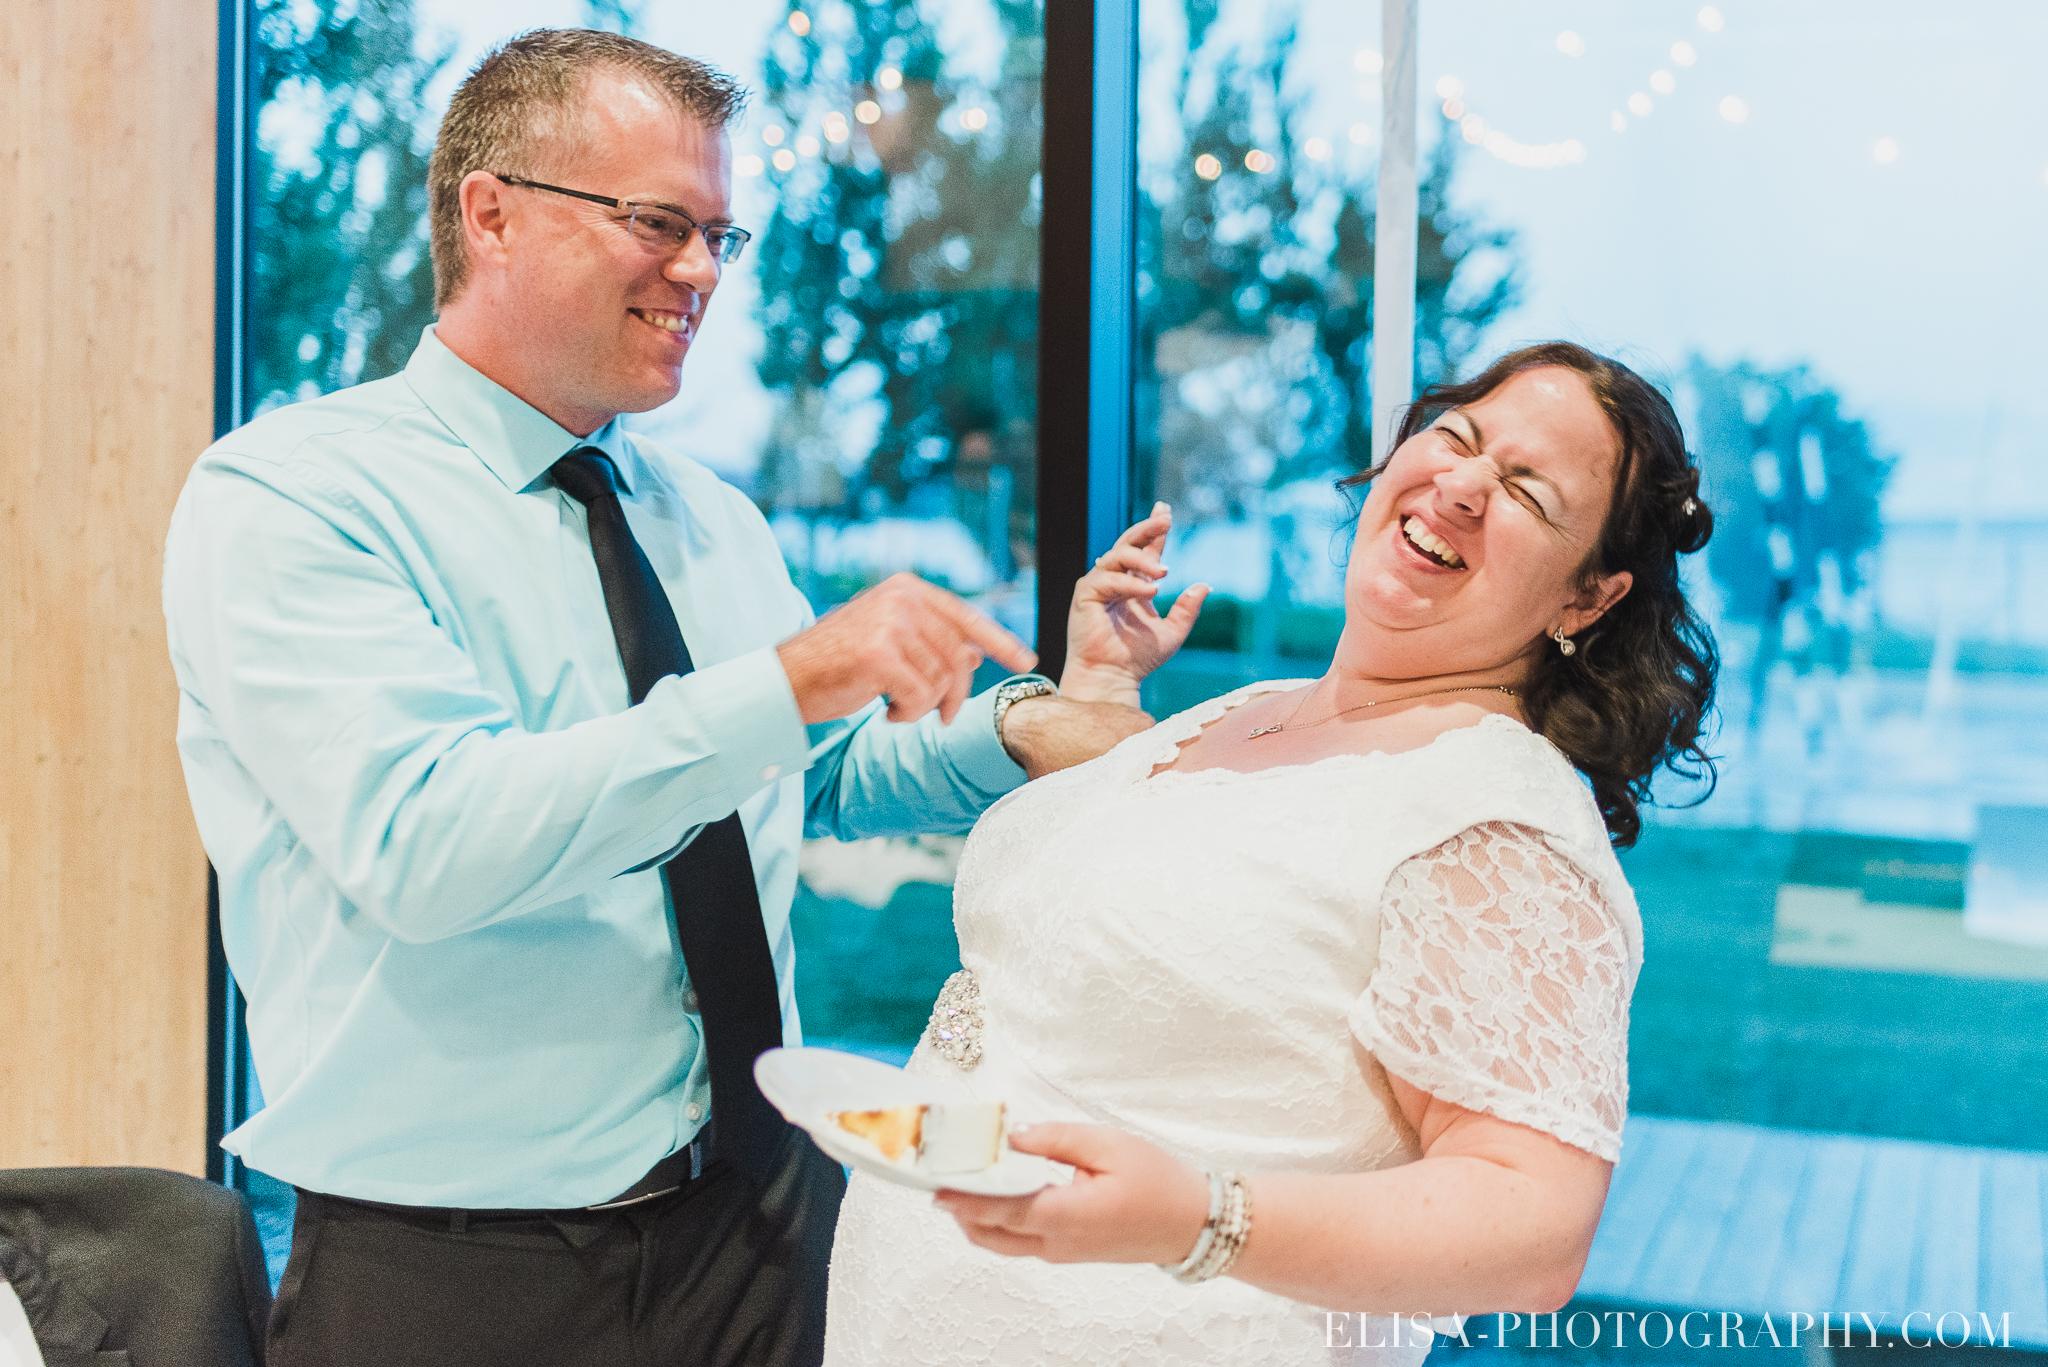 photo mariage quebec baie beauport reception fete danse des maries jeux soulier 8885 - Mariage à la plage de la baie de Beauport